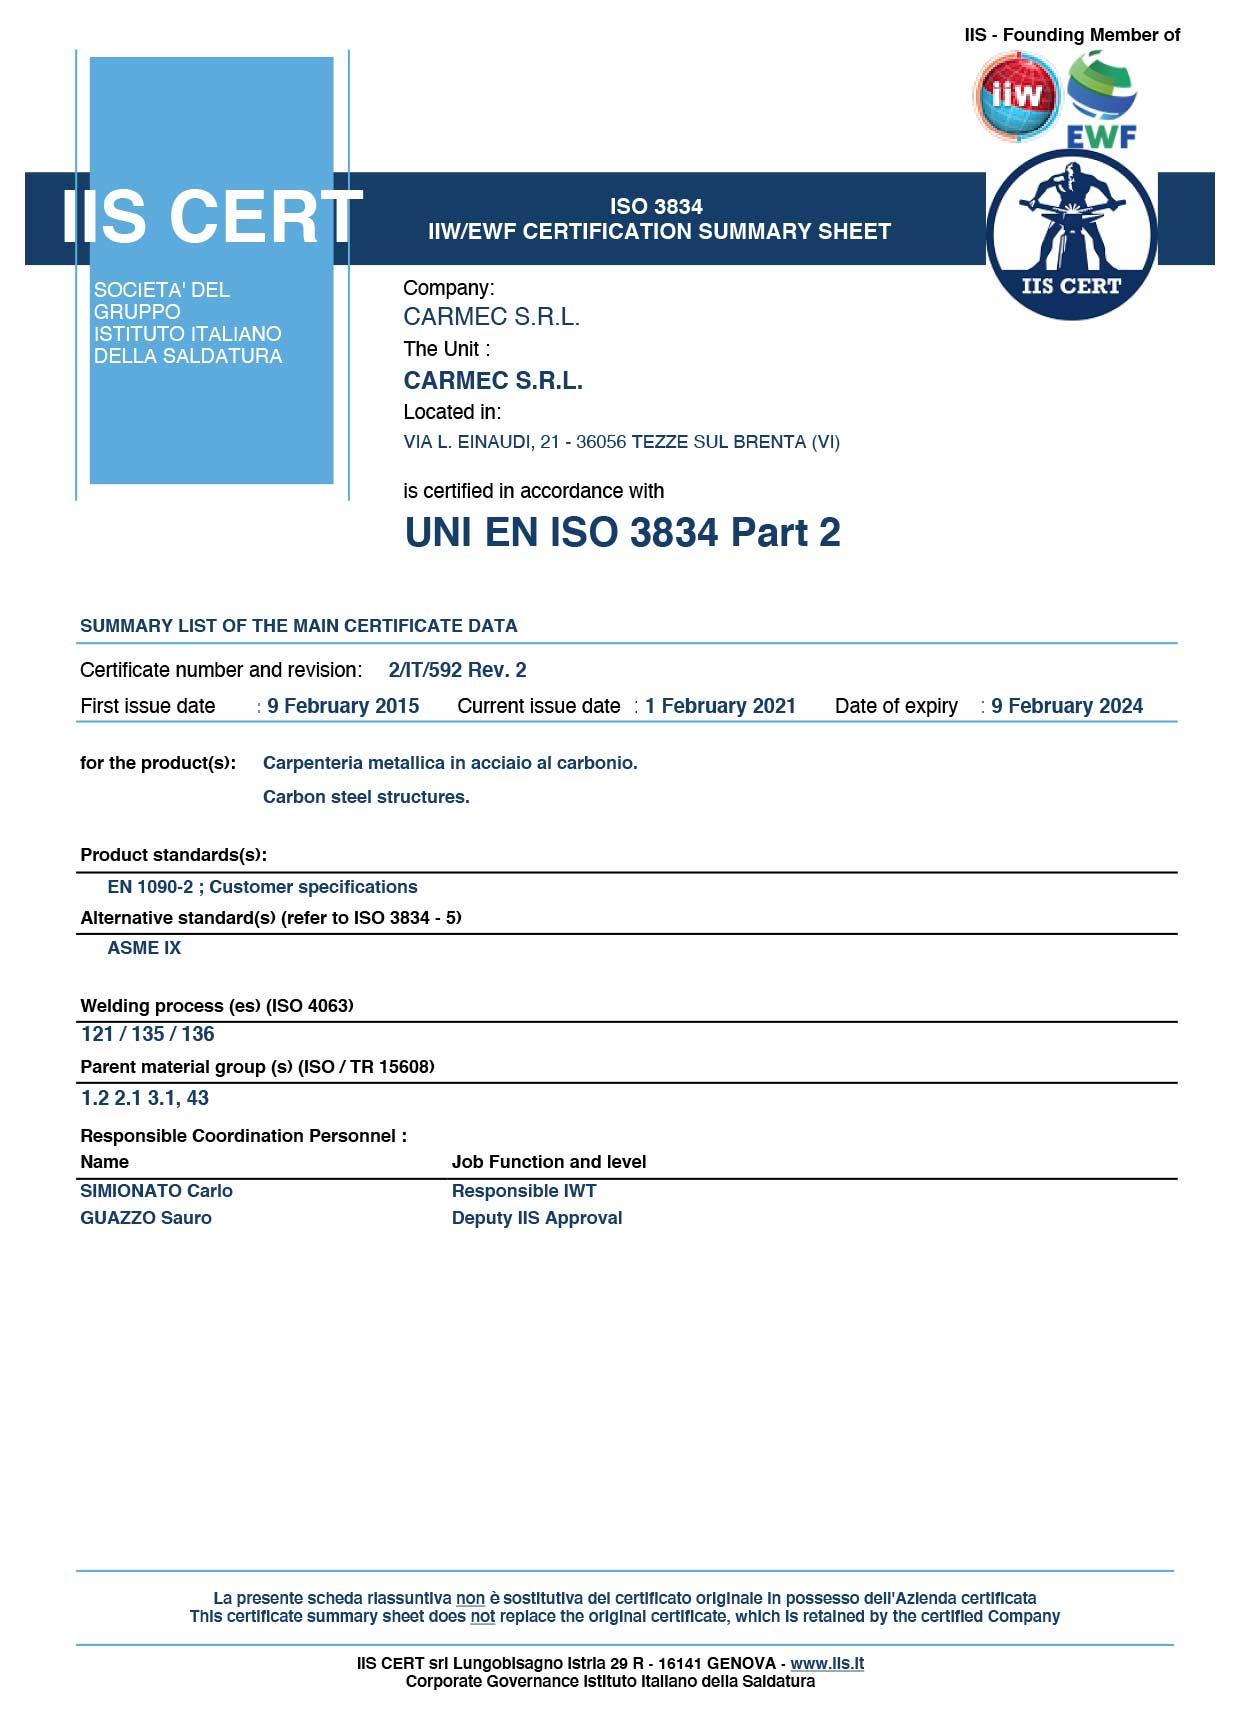 Carmec Srl - International Institute of Welding ISO 3834 P2